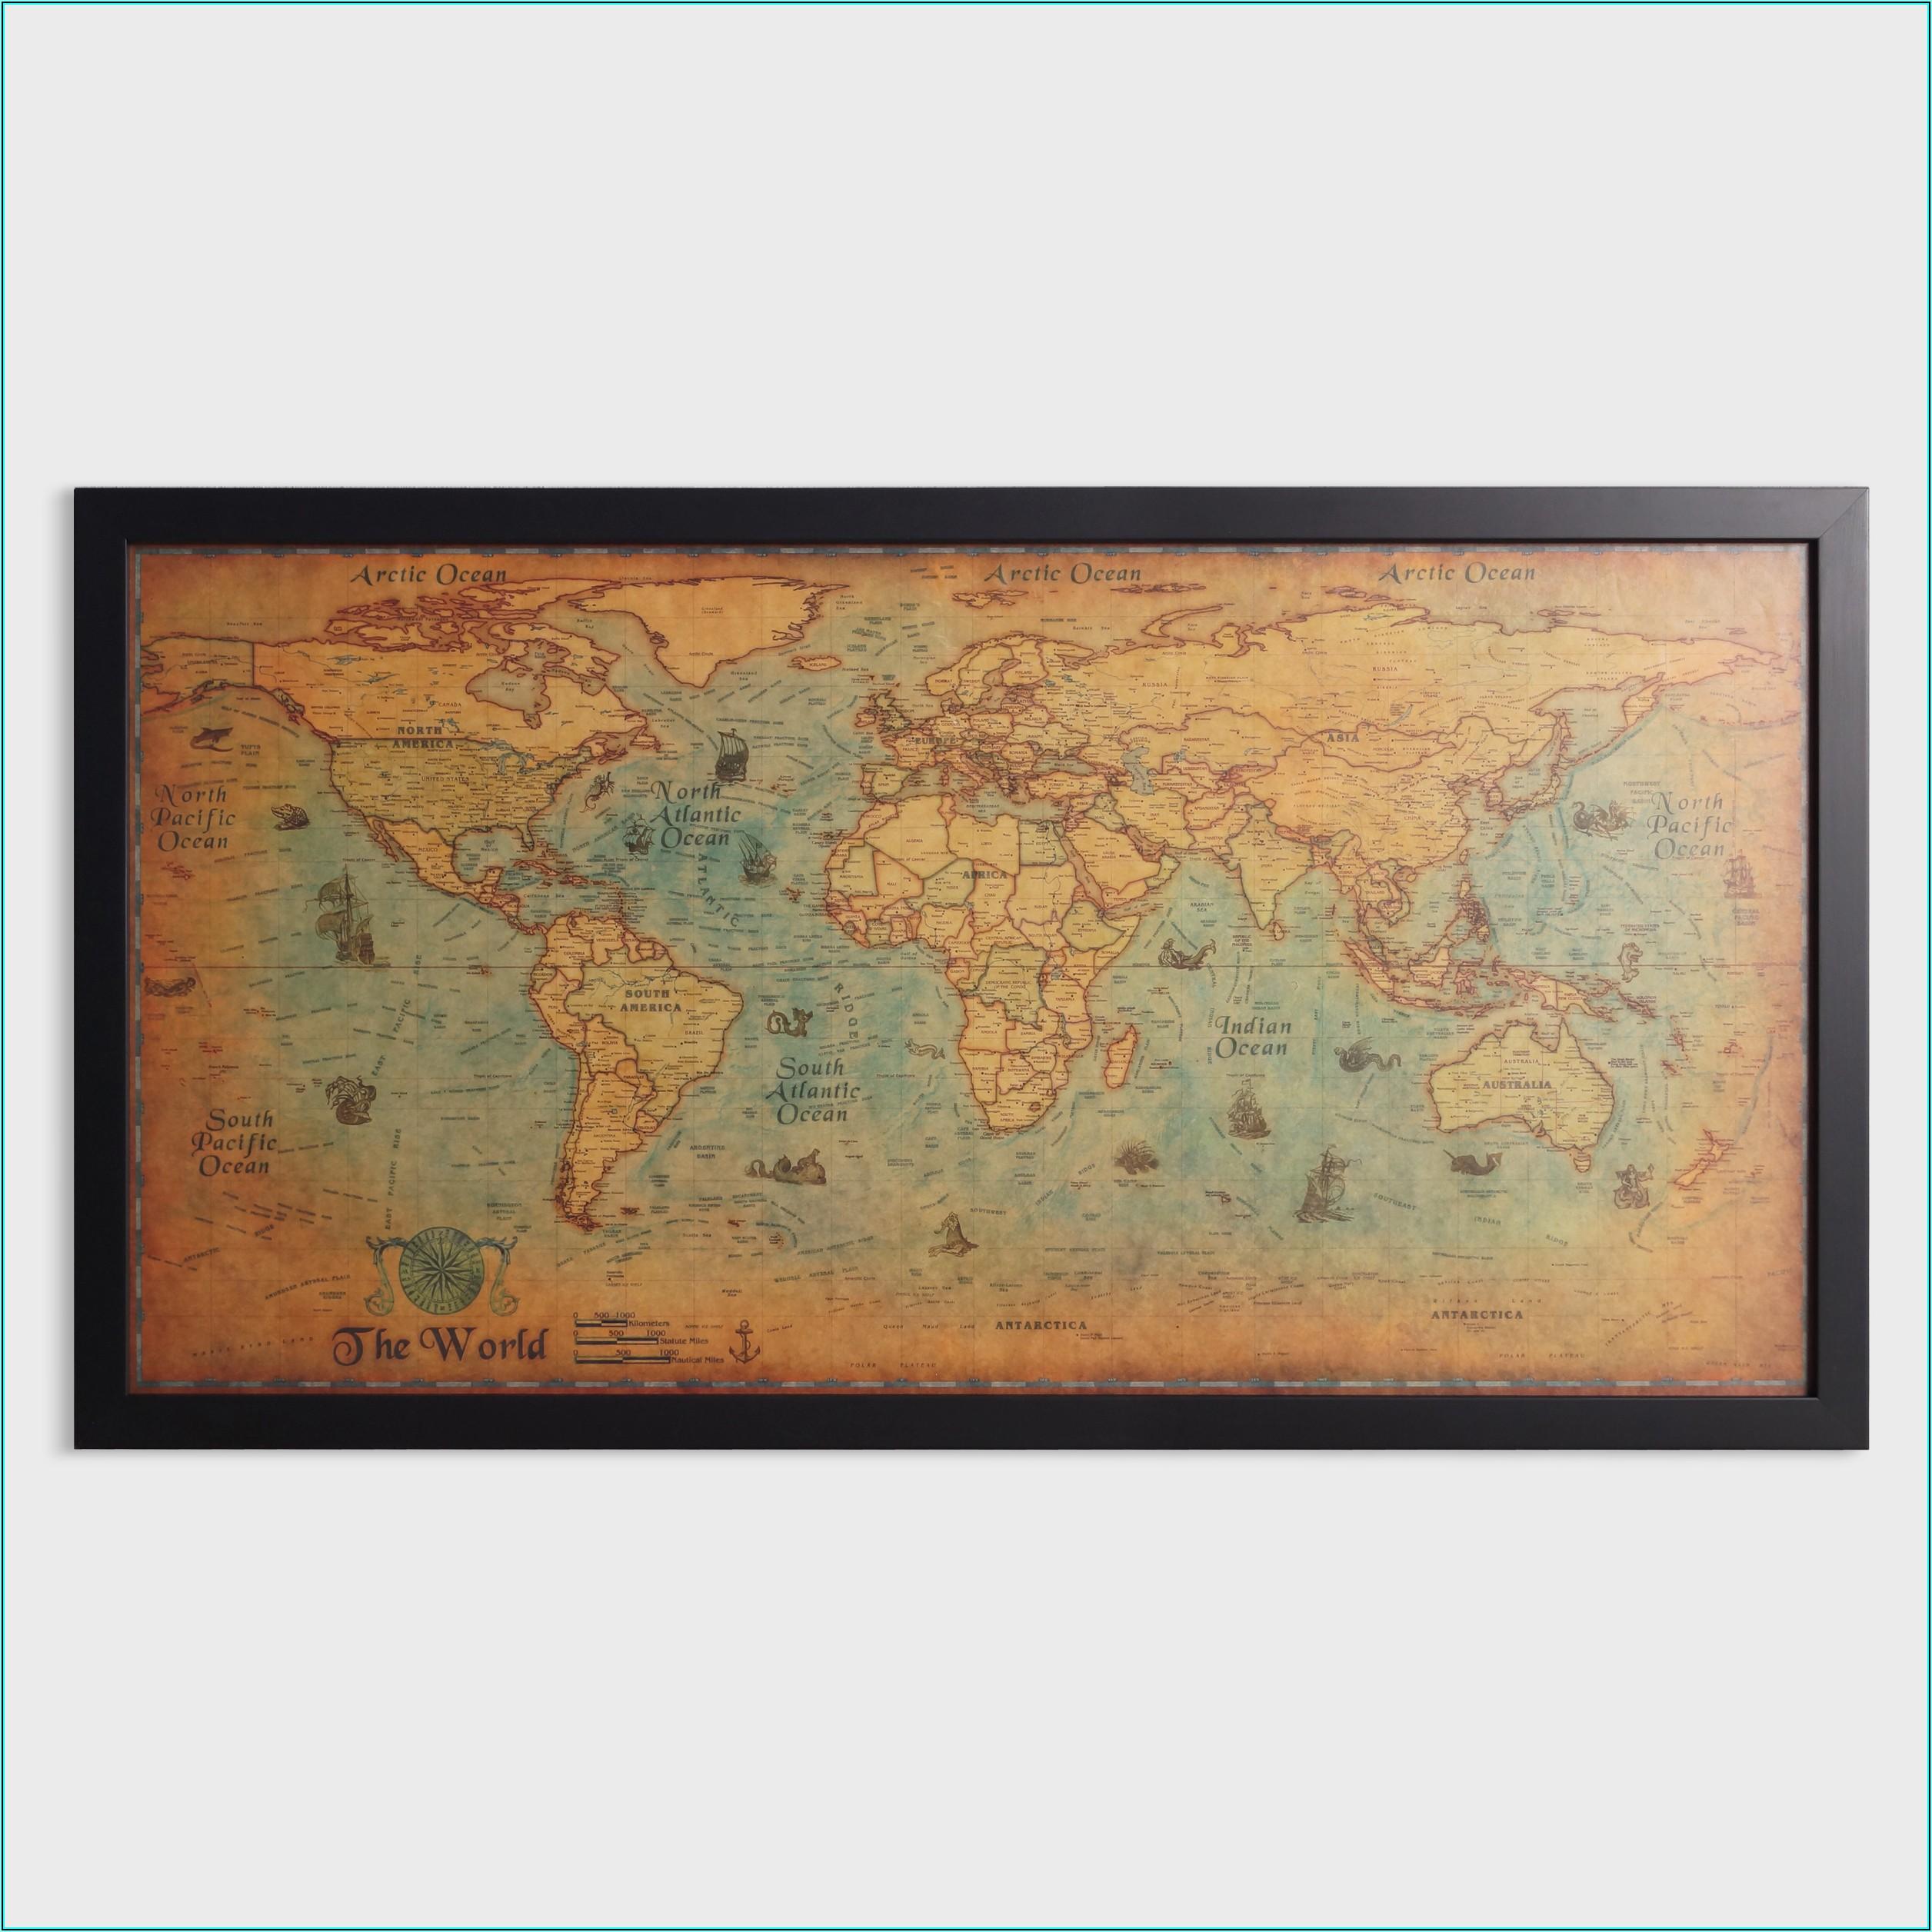 Large Framed World Maps For Sale